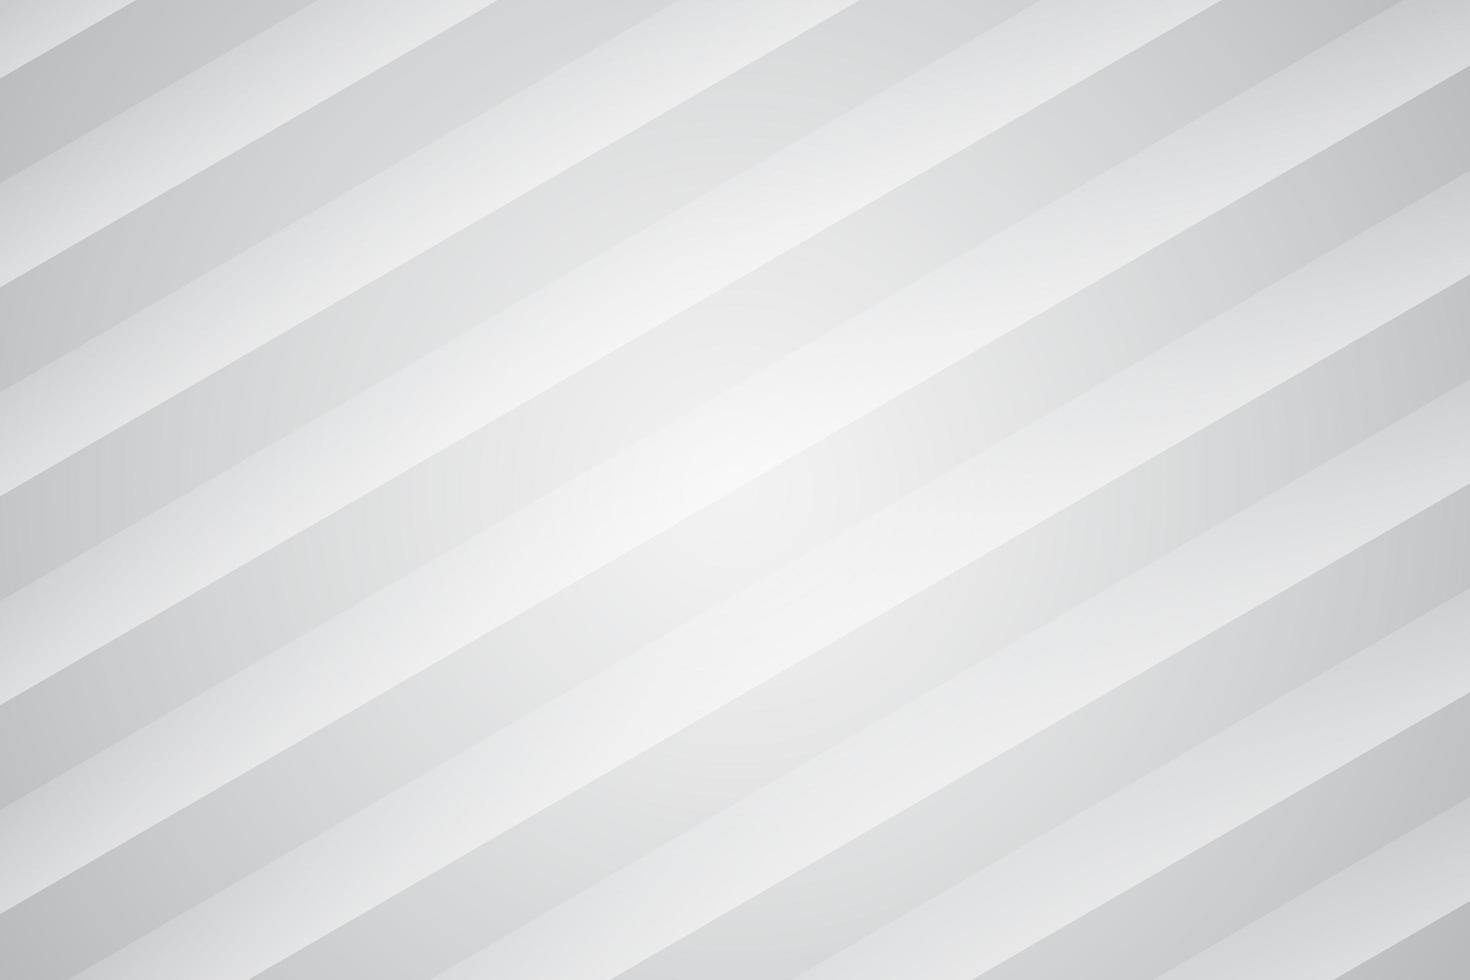 Fondo blanco transparente moderno abstracto blanco vector